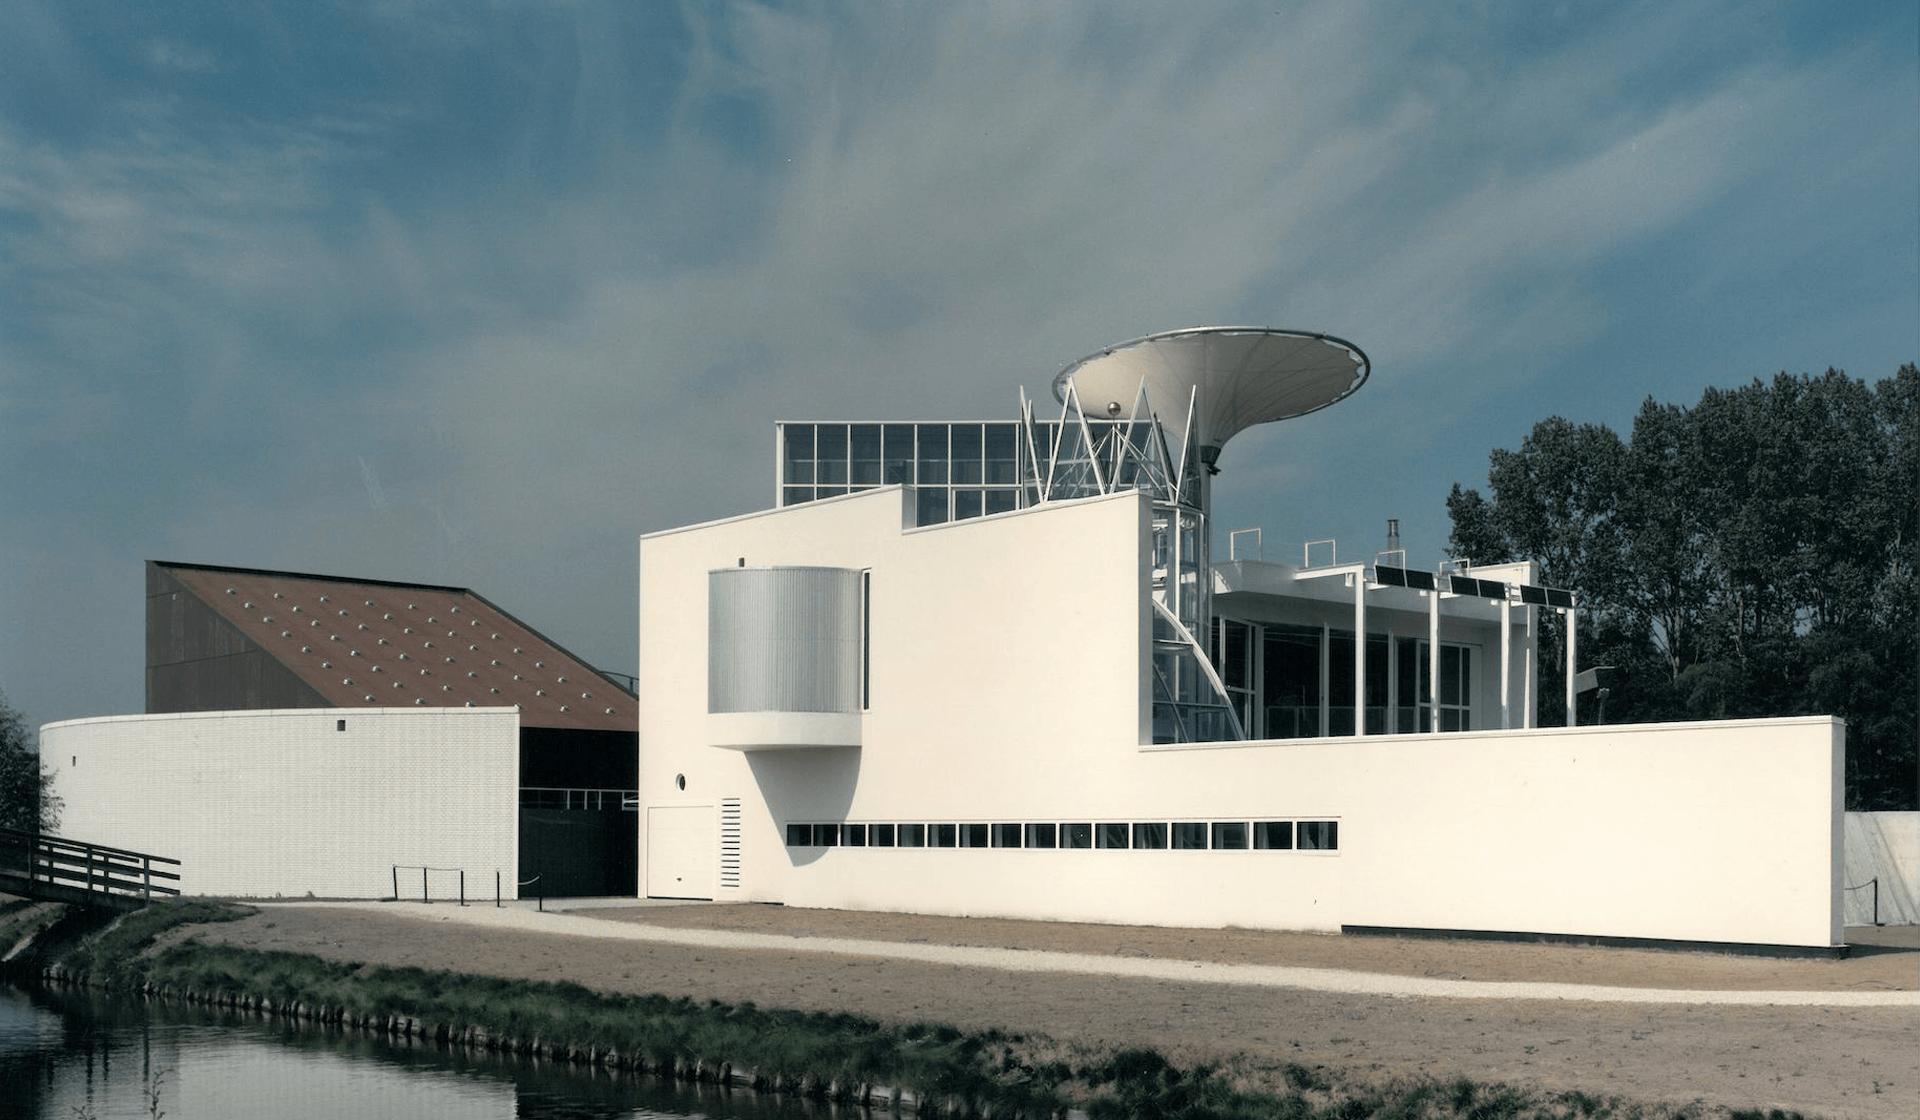 HVM_Huis van de toekomst_4